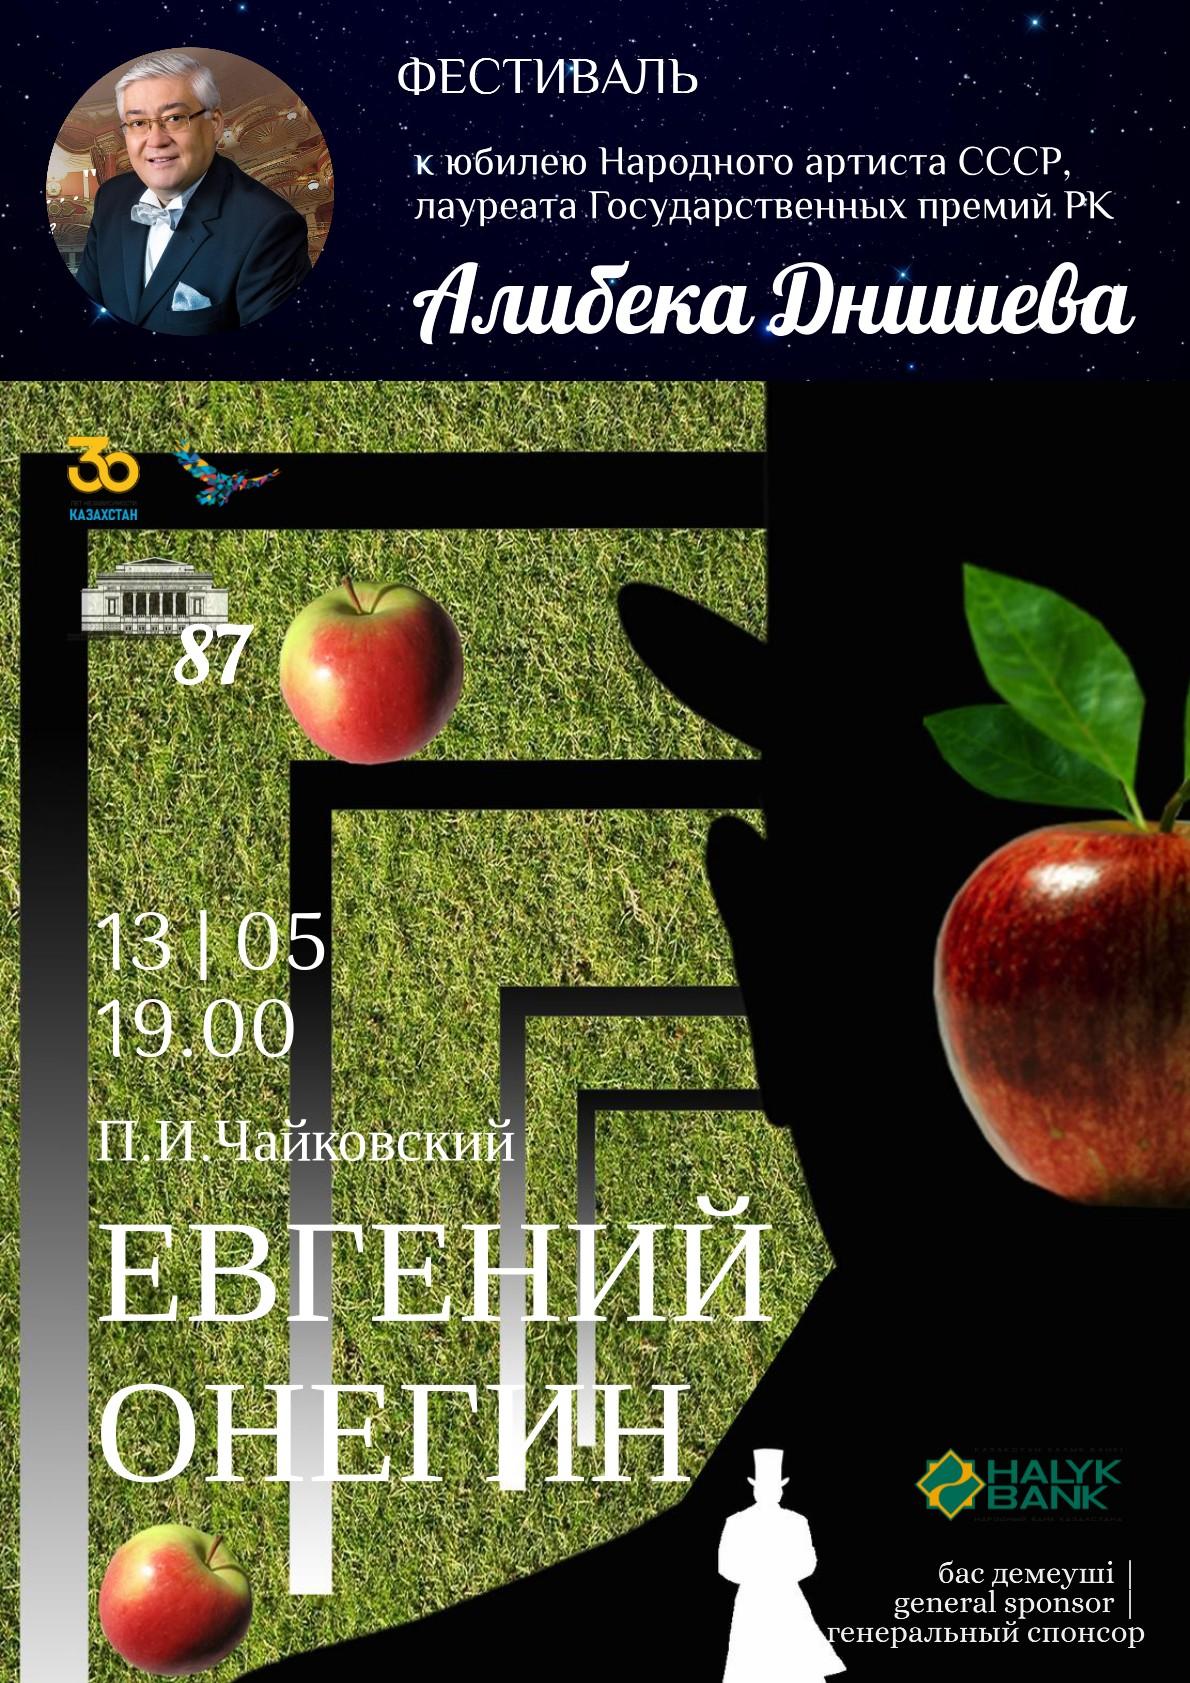 П. И. Чайковский. Опера «Евгений Онегин»